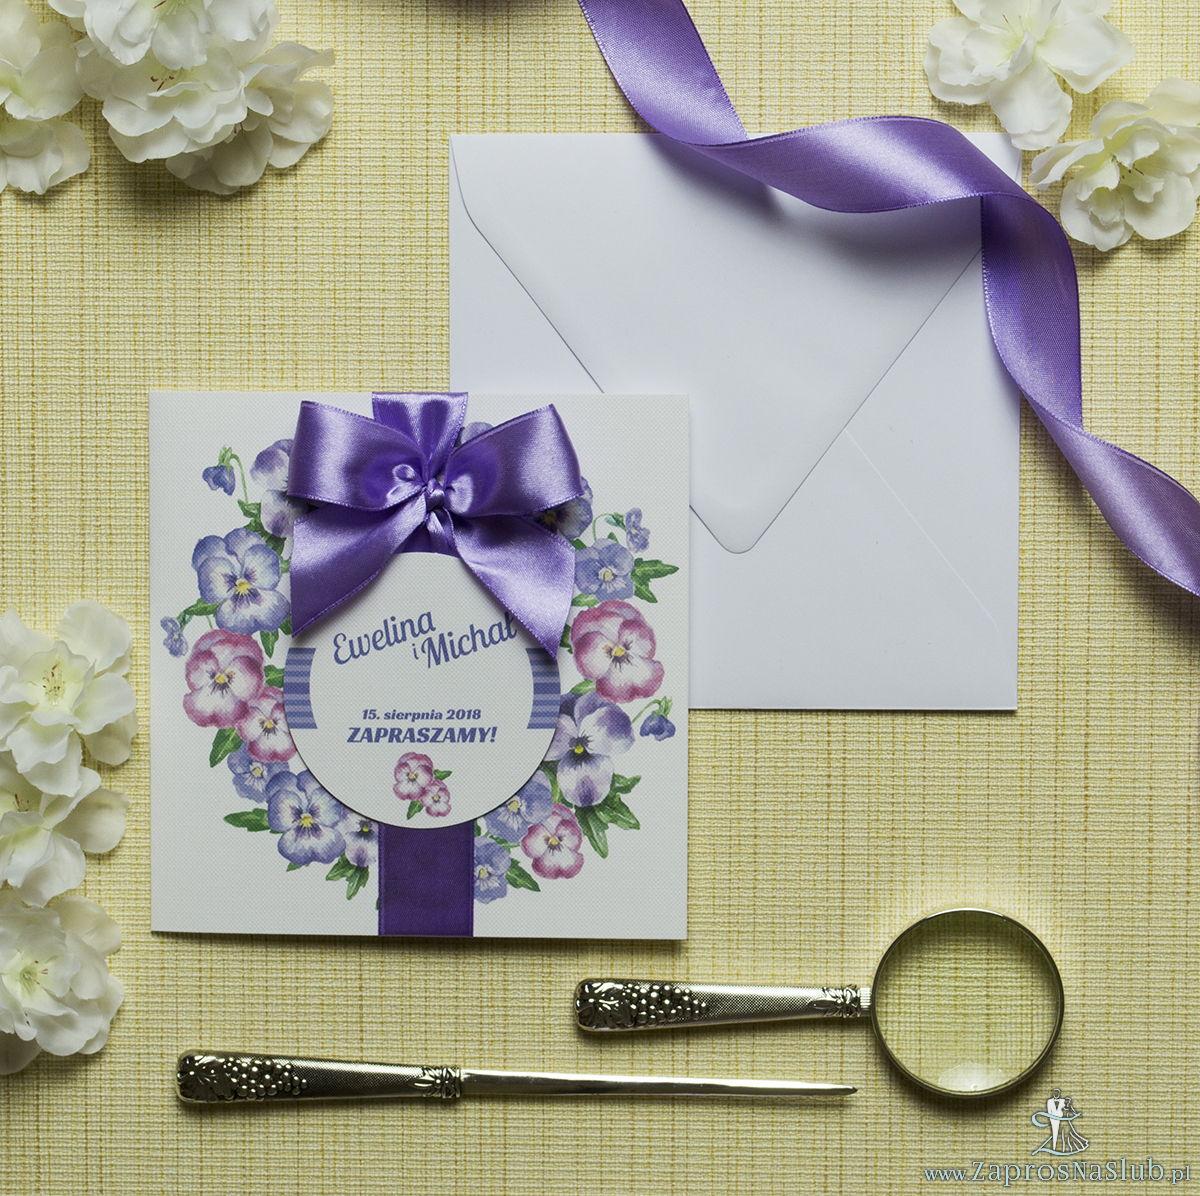 Zaproszenia kwiatowe - jesienny wianek z kwiatami bratków w dwóch kolorach. ZAP-54-08